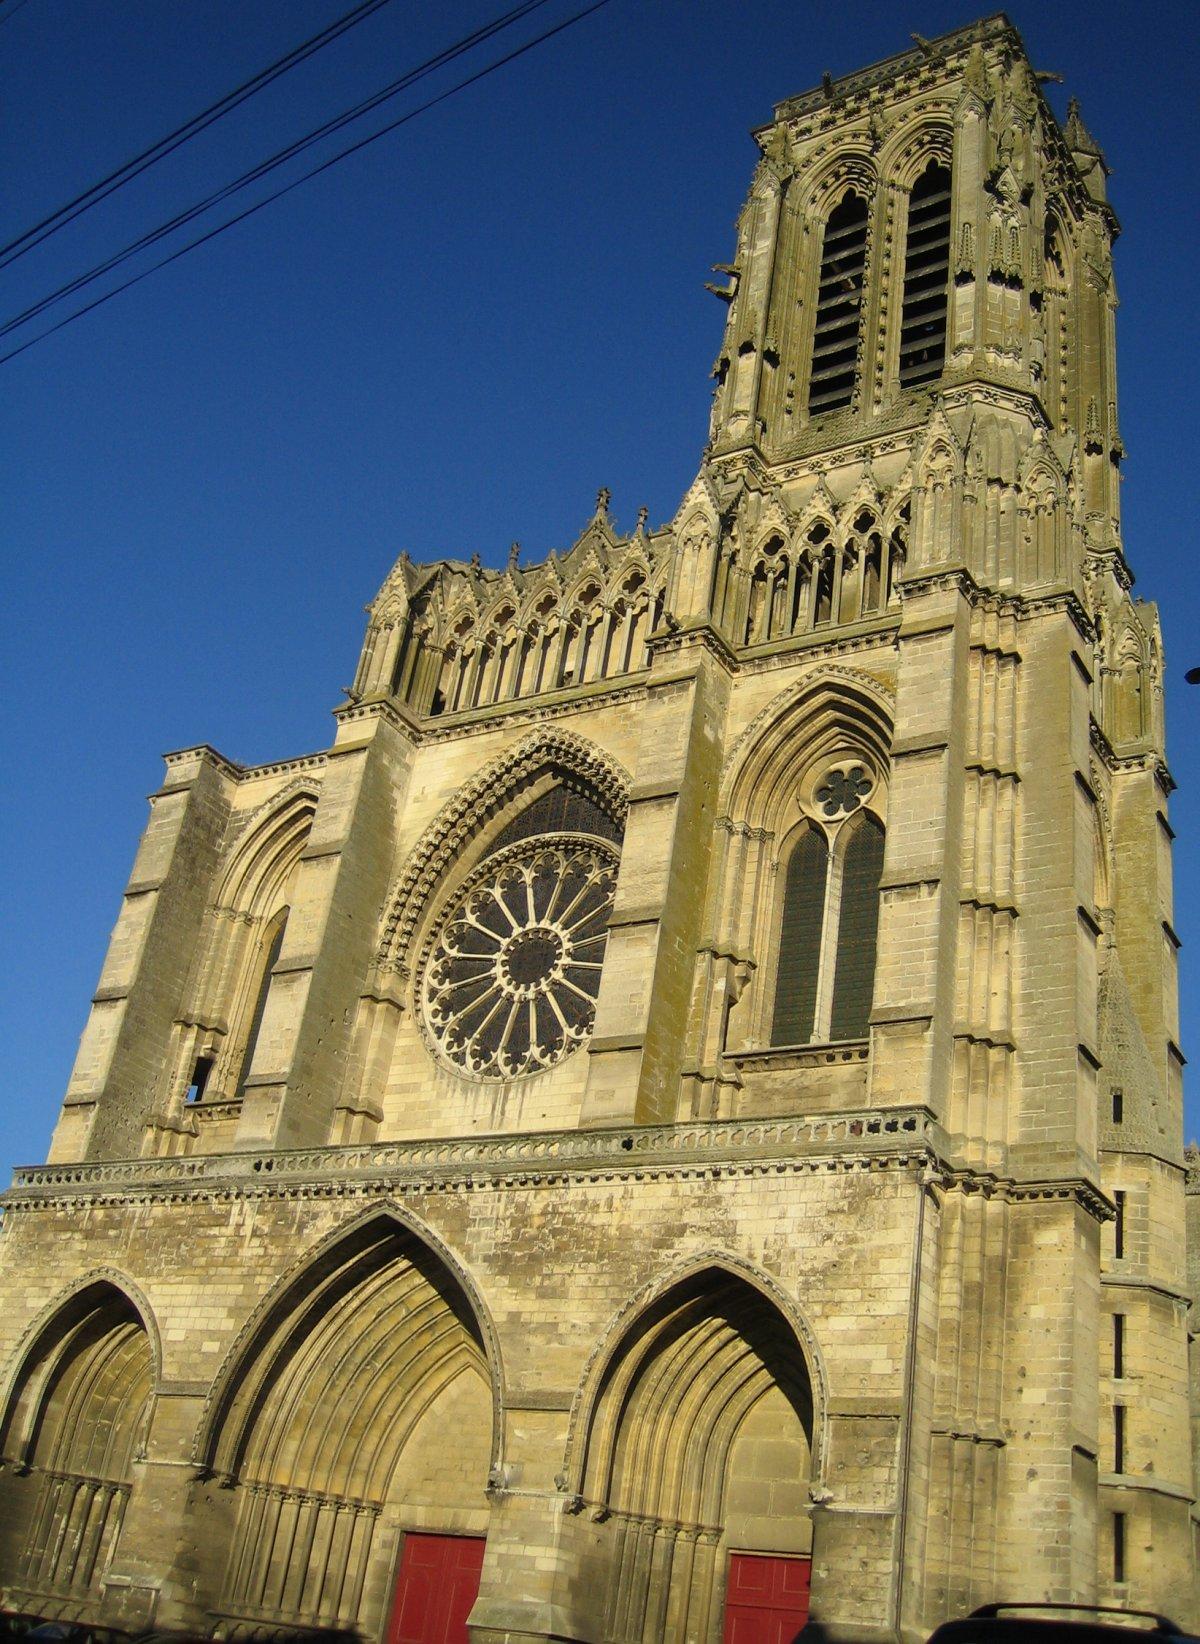 Fachada da Catedral de Soissons (Wikipedia)